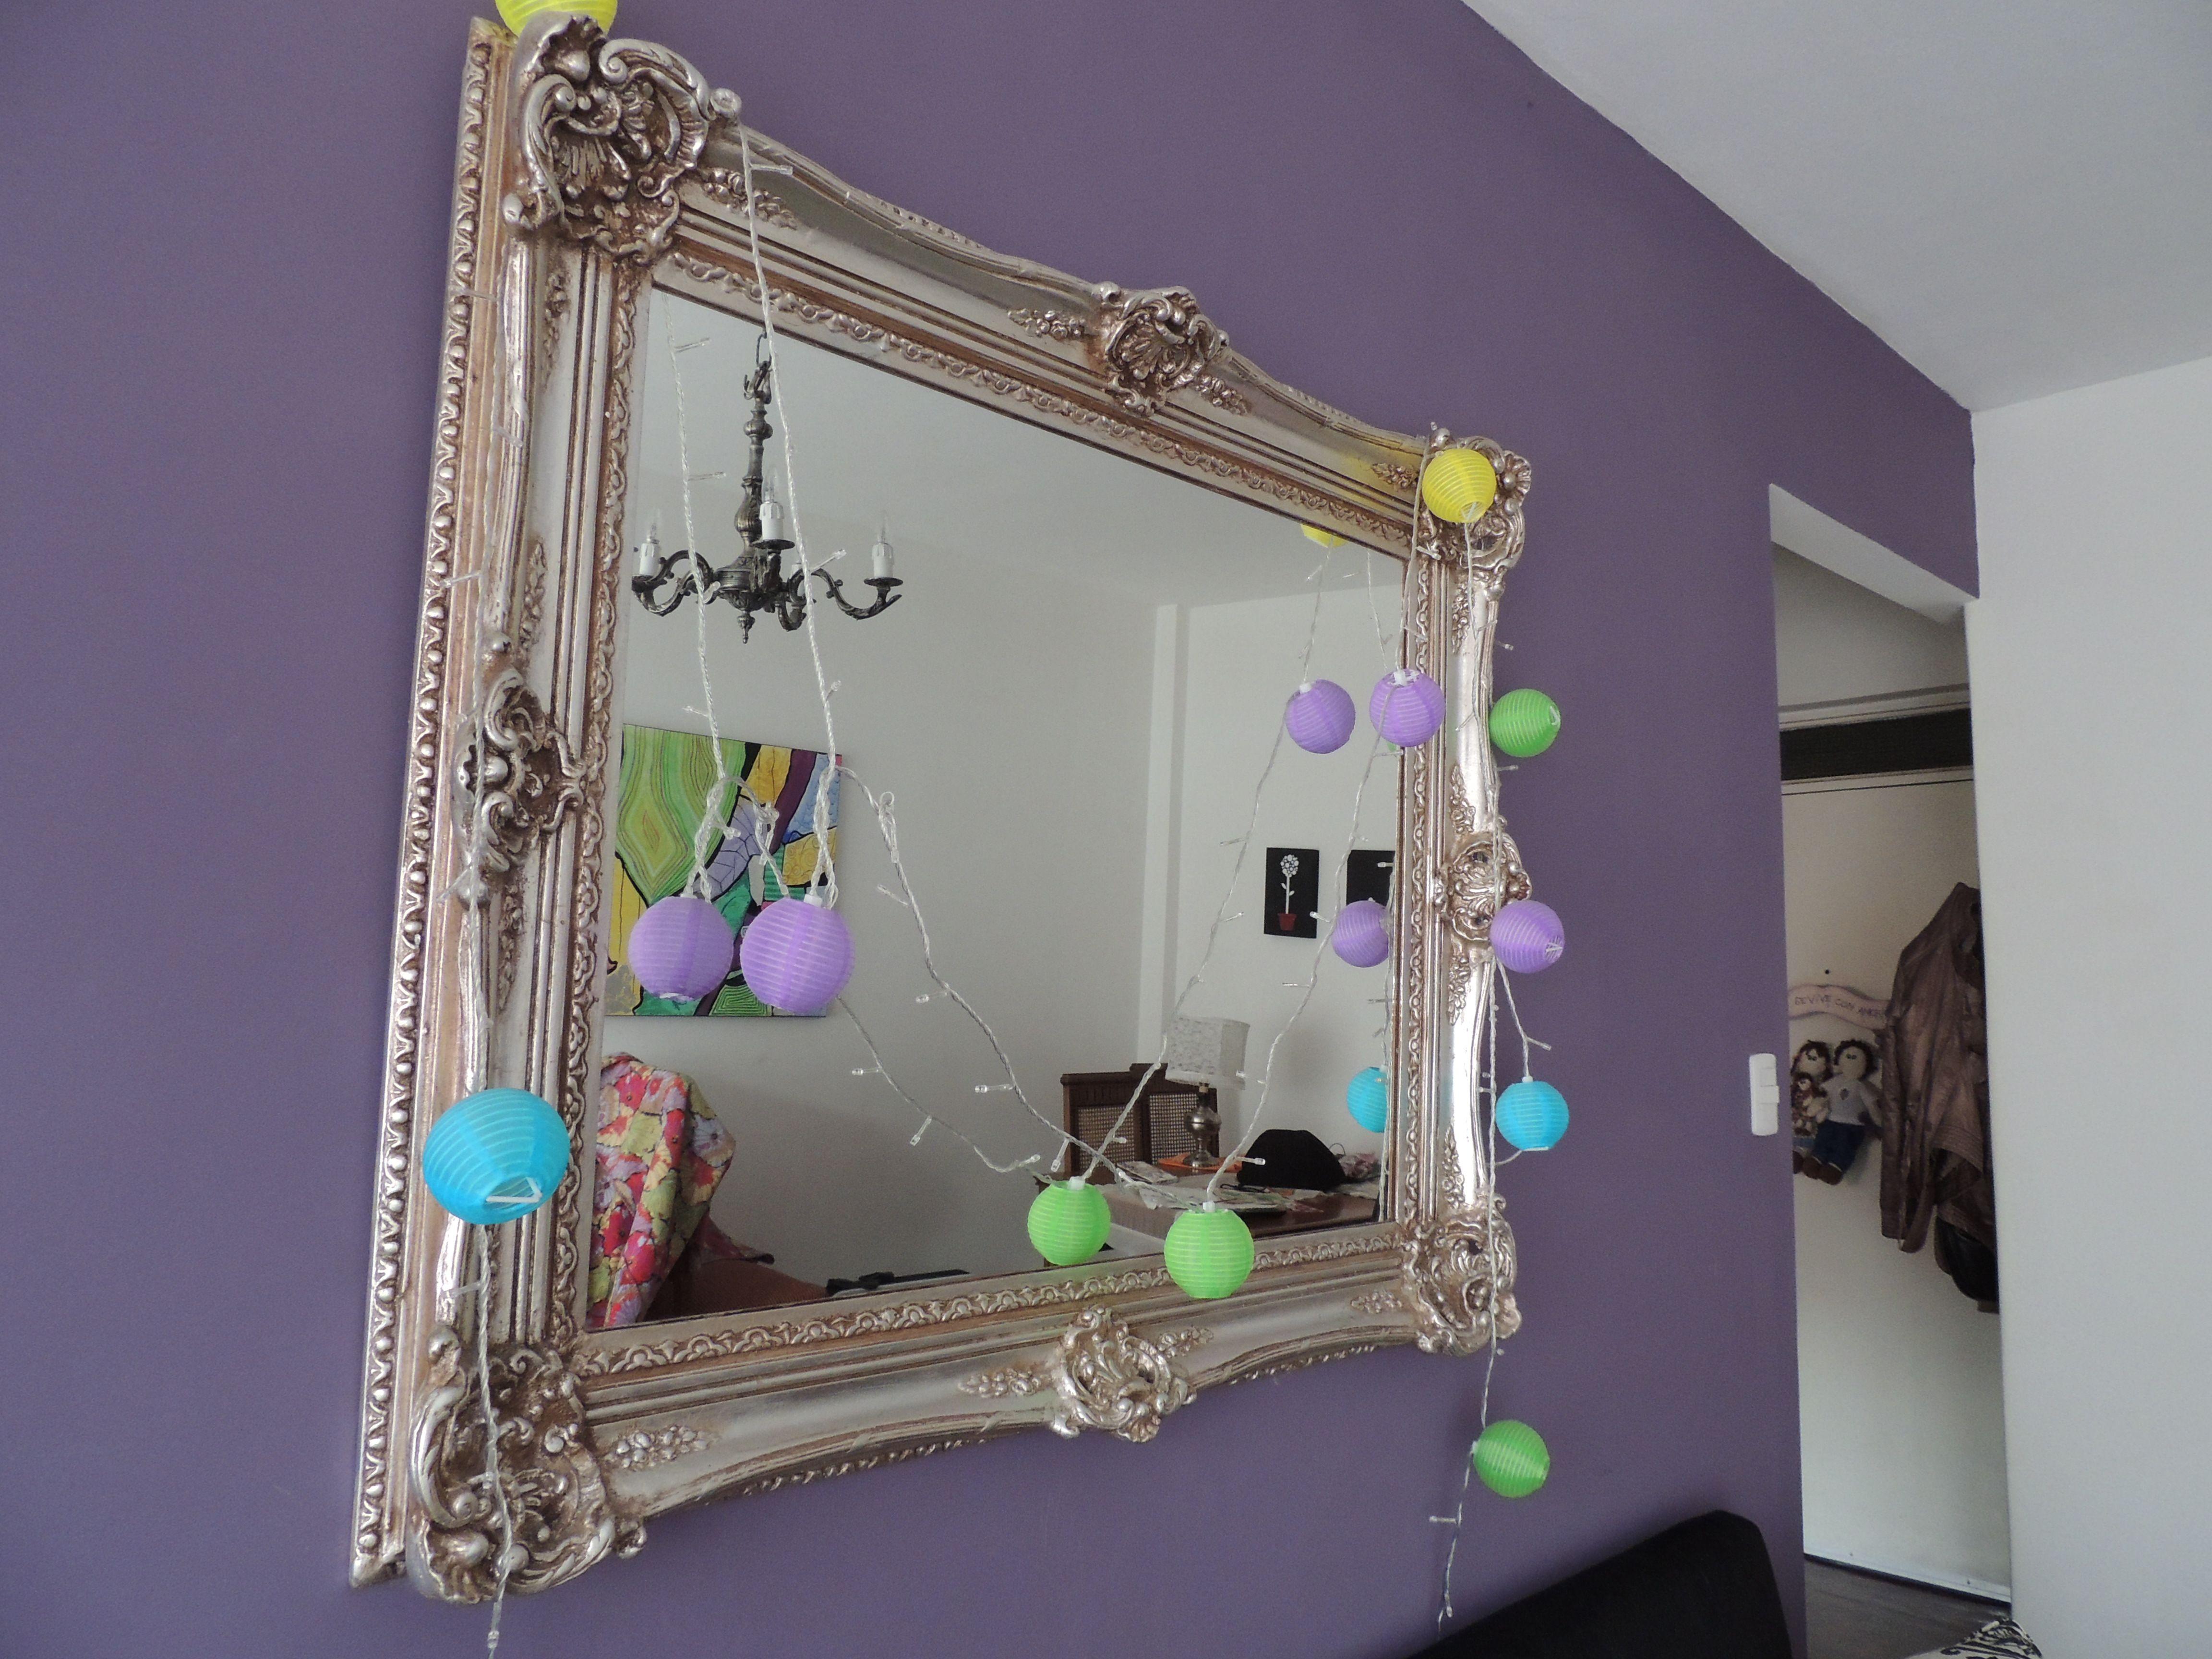 Espejo plateado a la hoja mobel espejos plateados - Espejos marco plateado ...